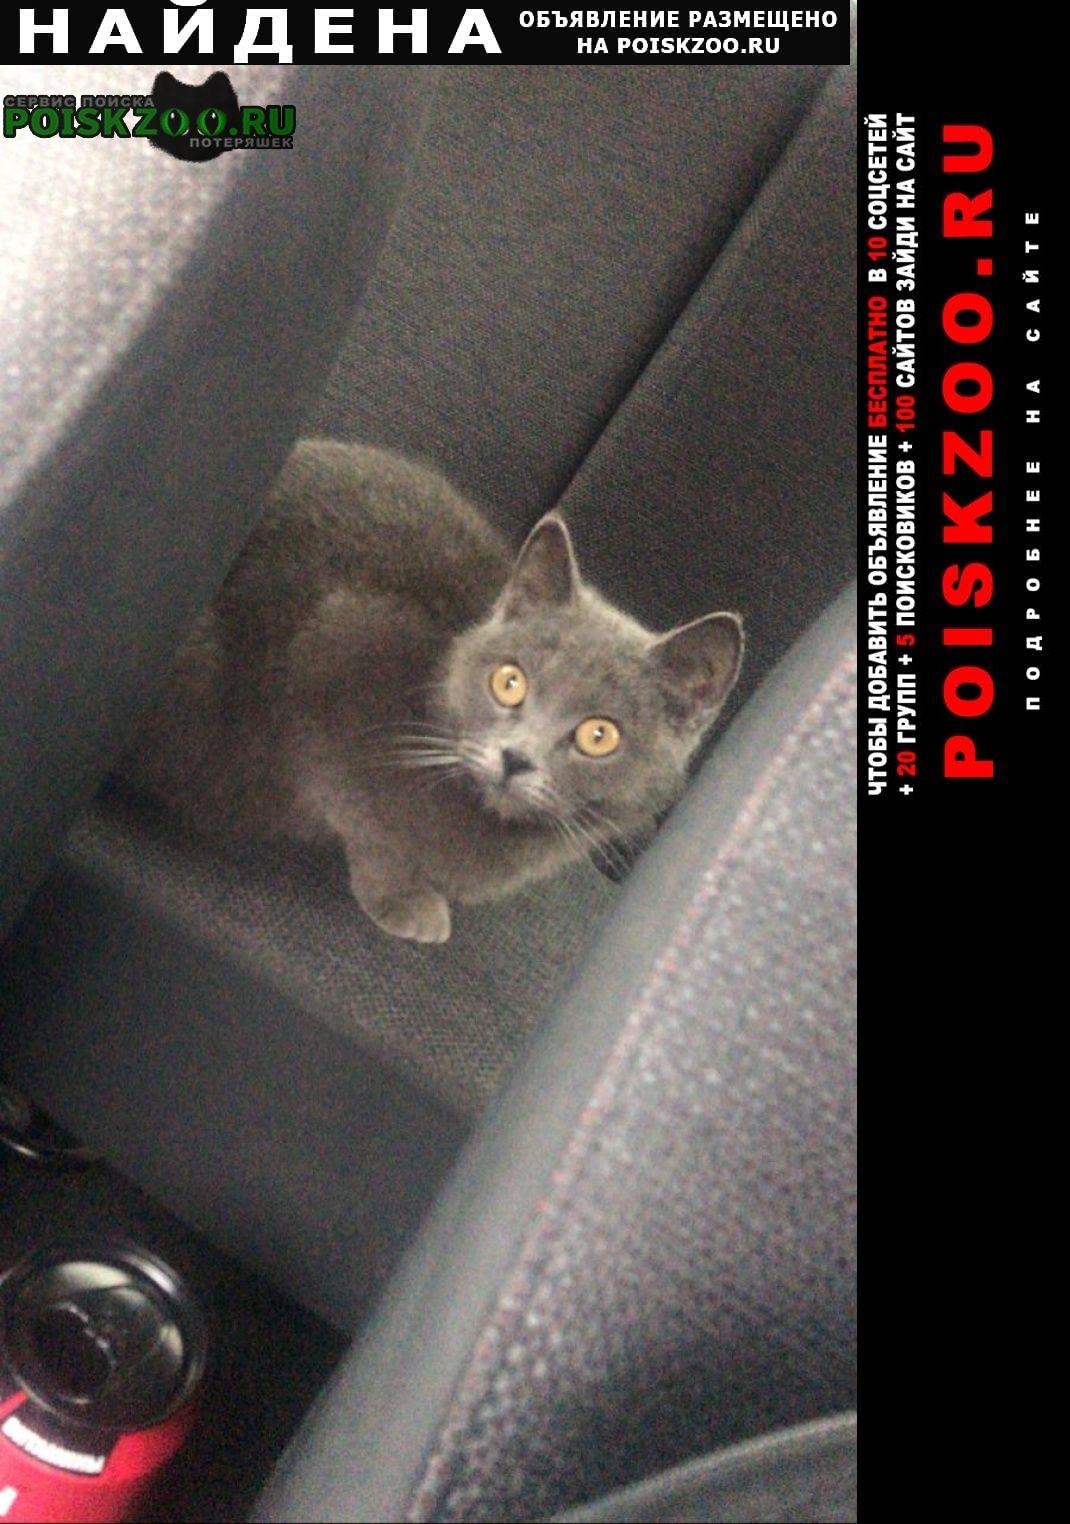 Найдена кошка британка ухоженная молоденькая Новочеркасск